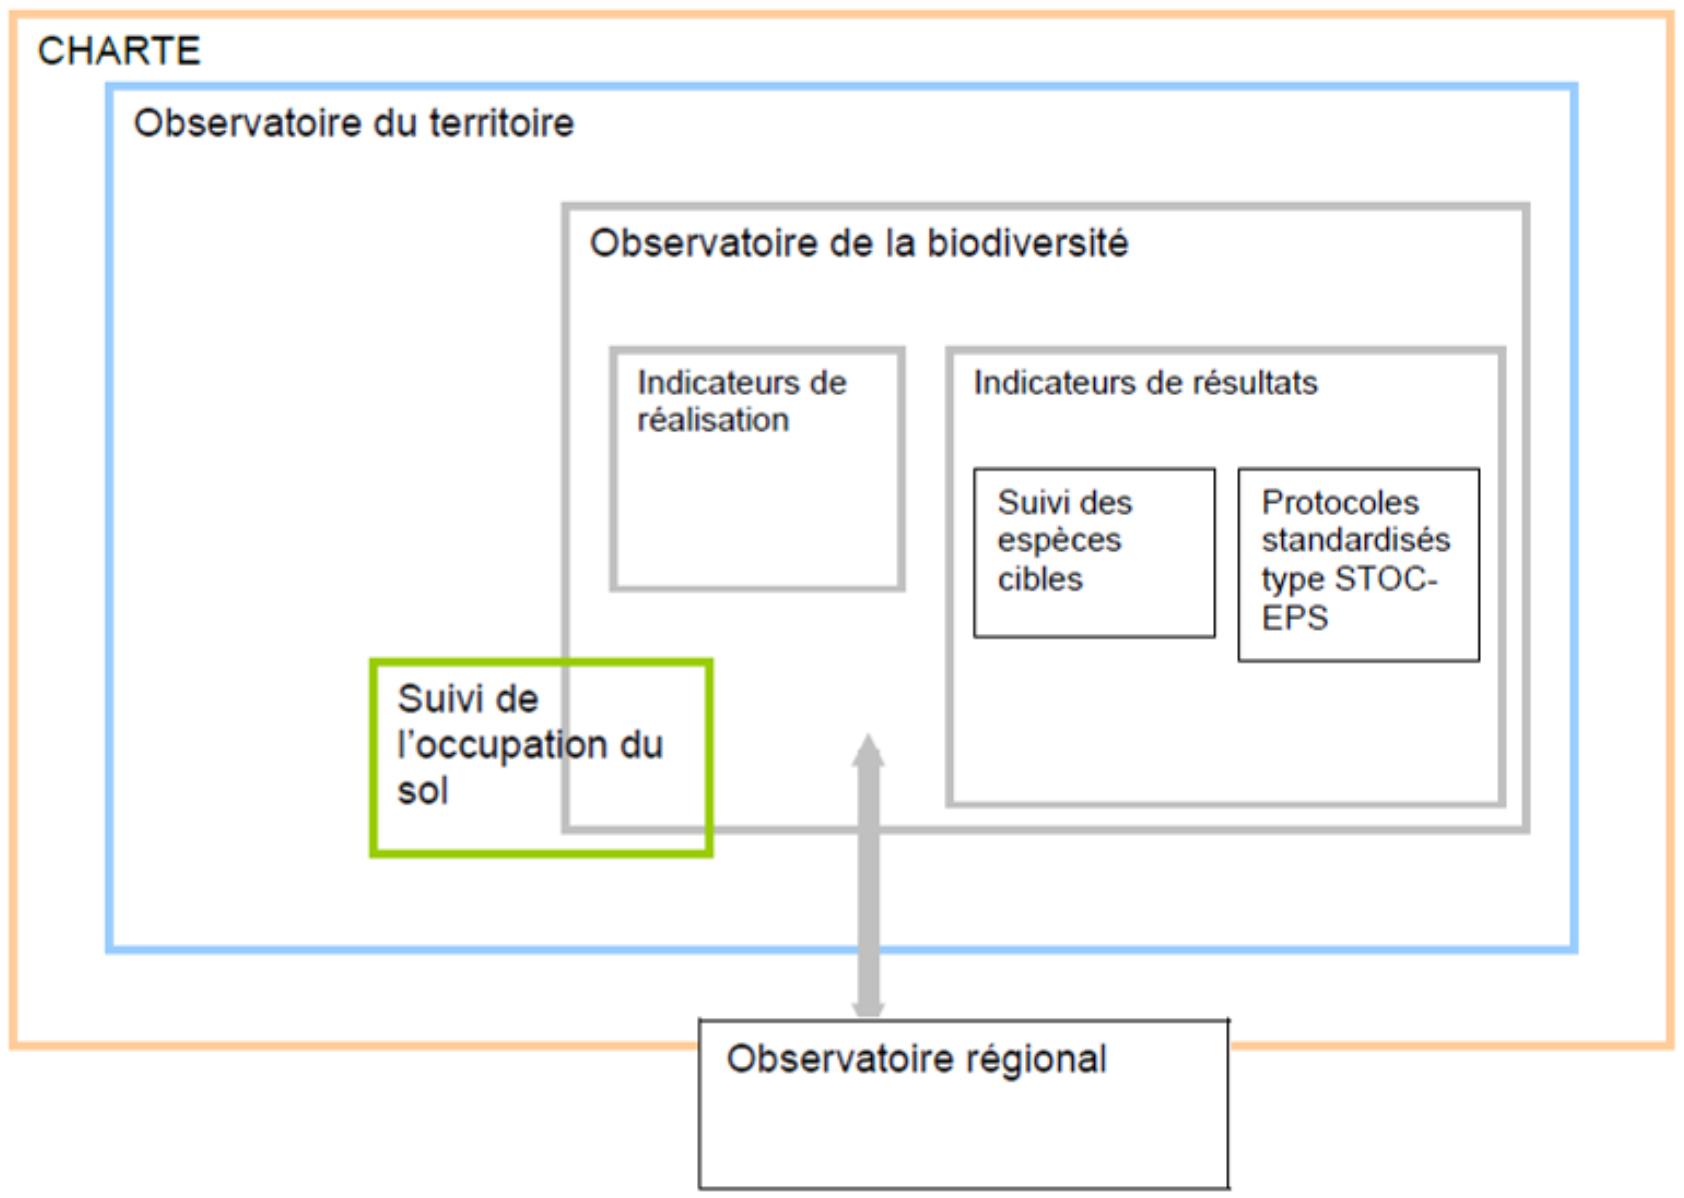 Charte de l'observatoire